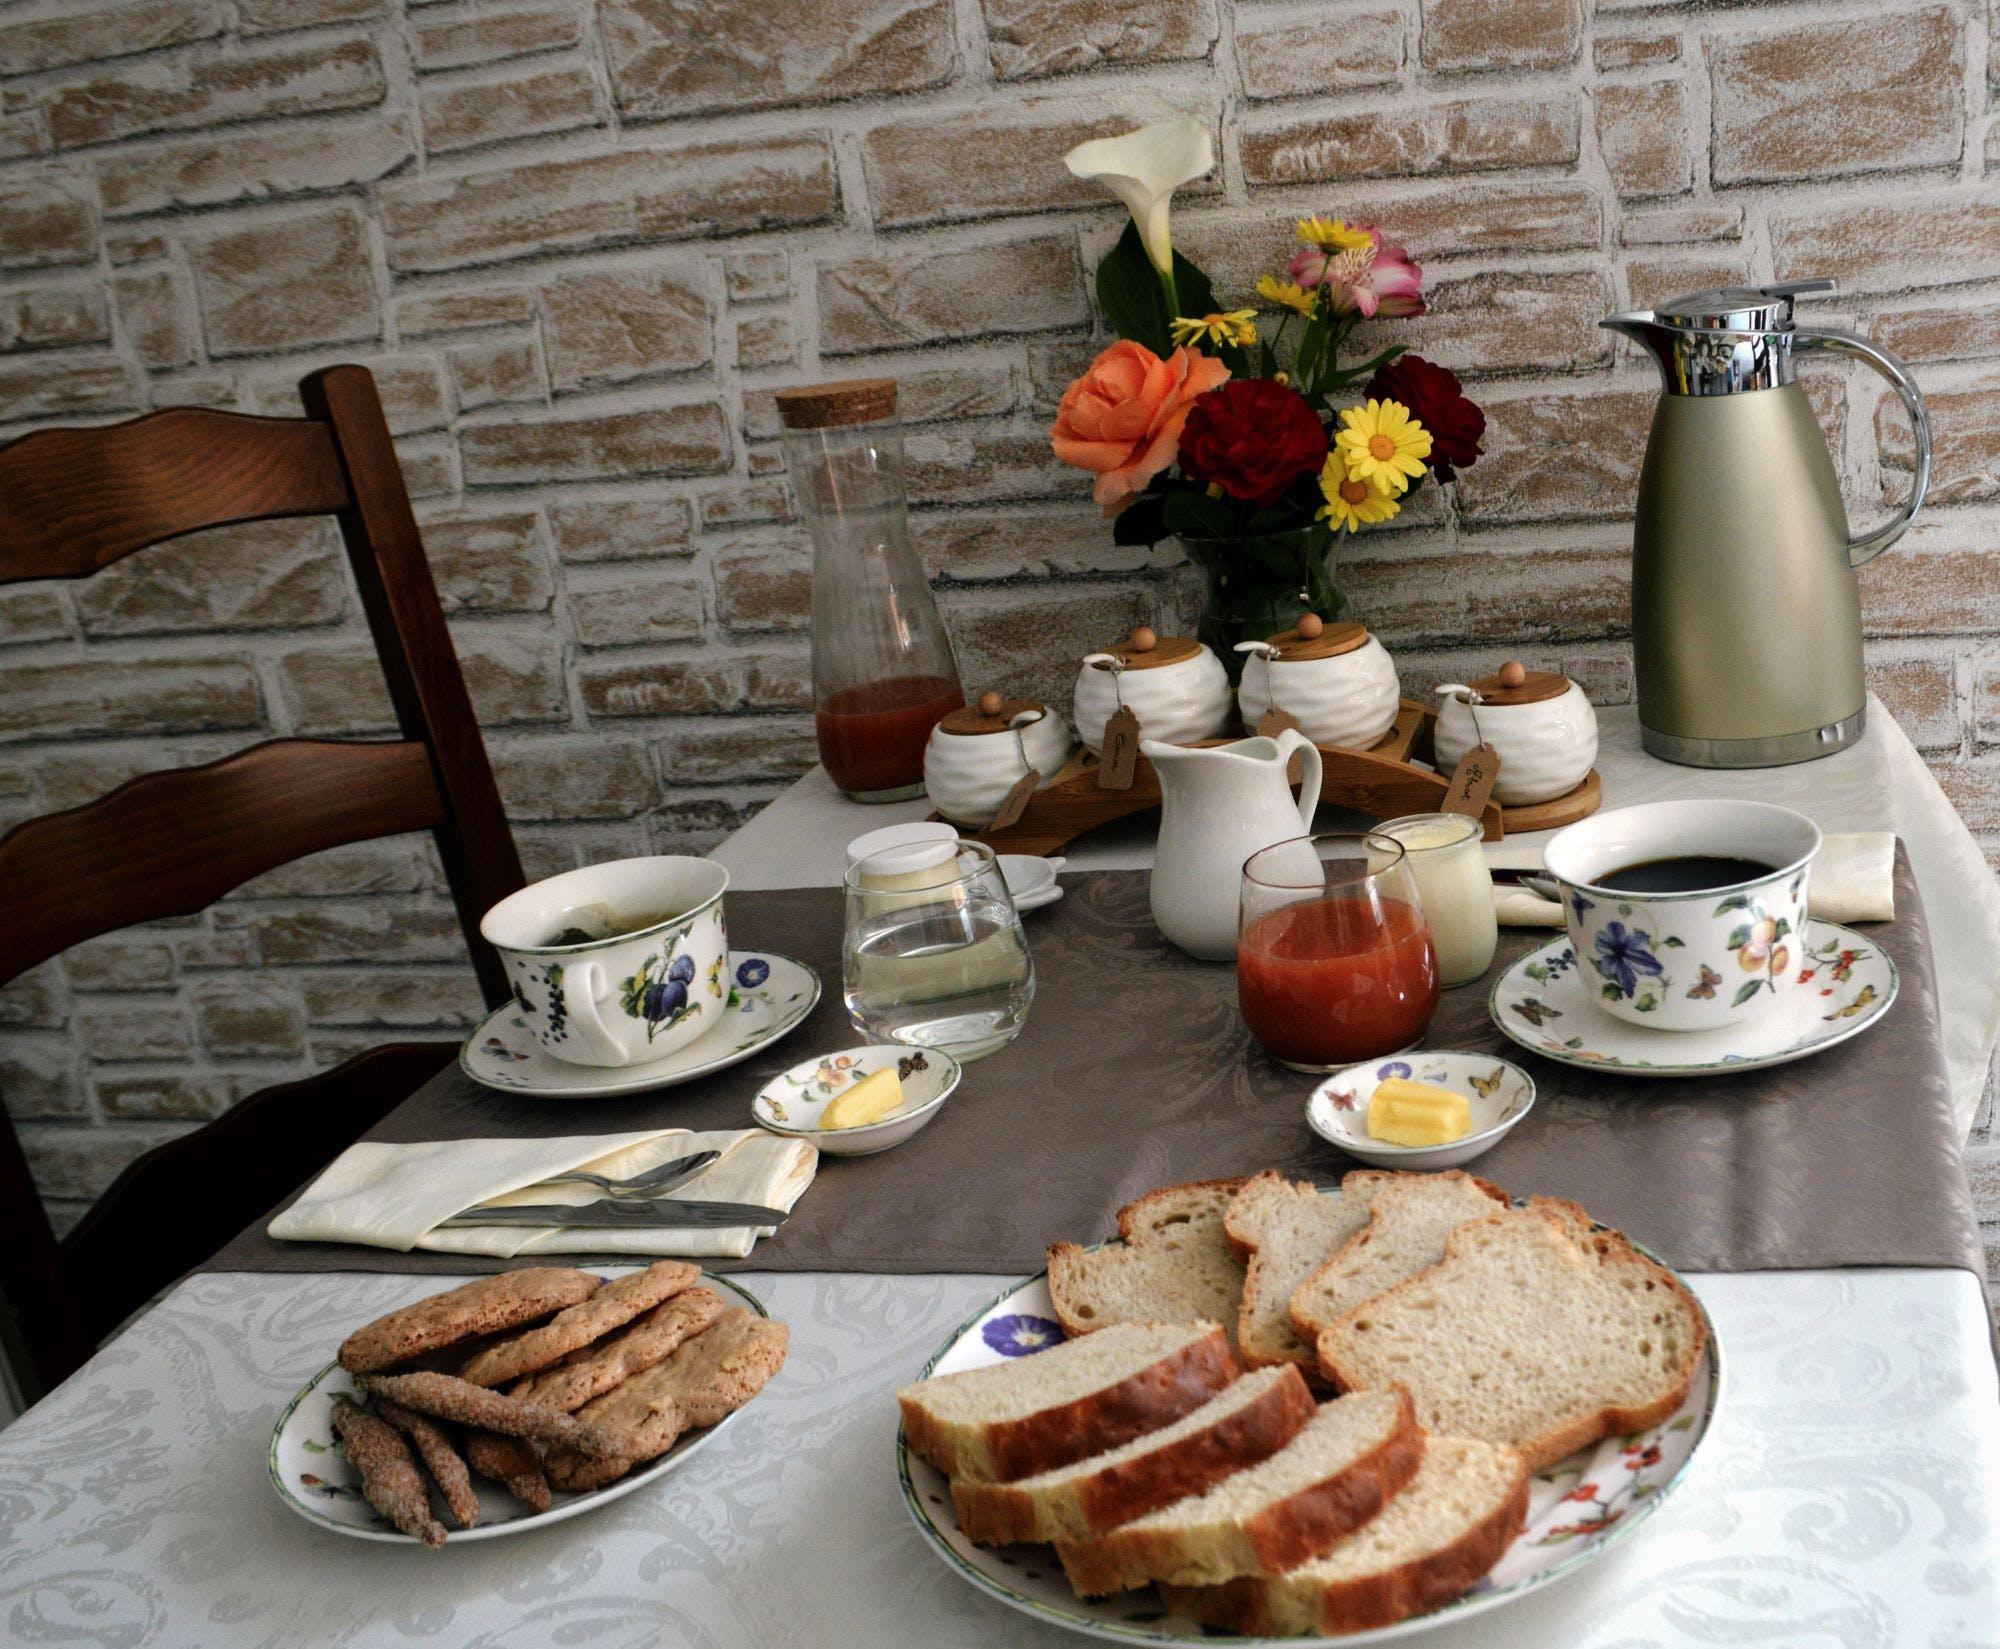 Petit-déjeuner fait-maison offert dans les chambres d'hôtes